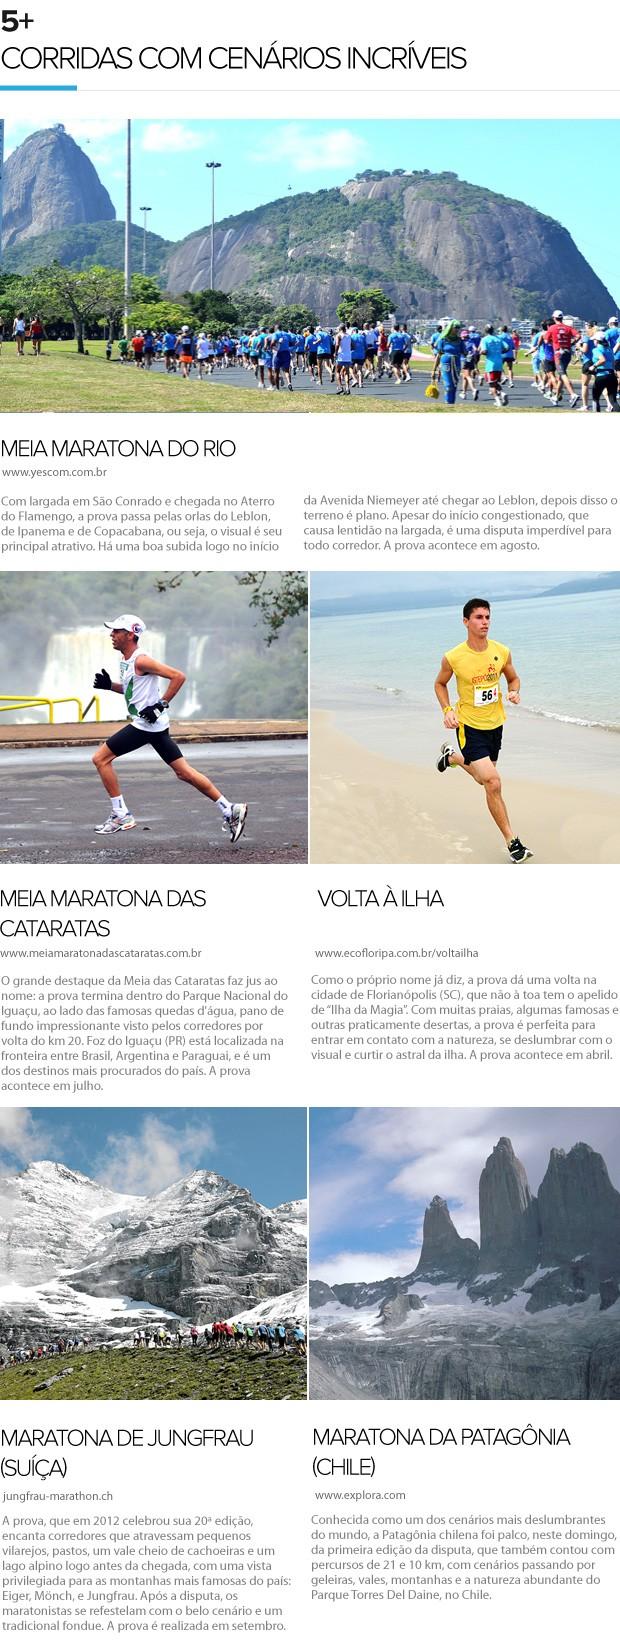 5+ corridas com cenários incríveis, Eu atelta (Foto: Editoria de Arte / Globoesporte.com)